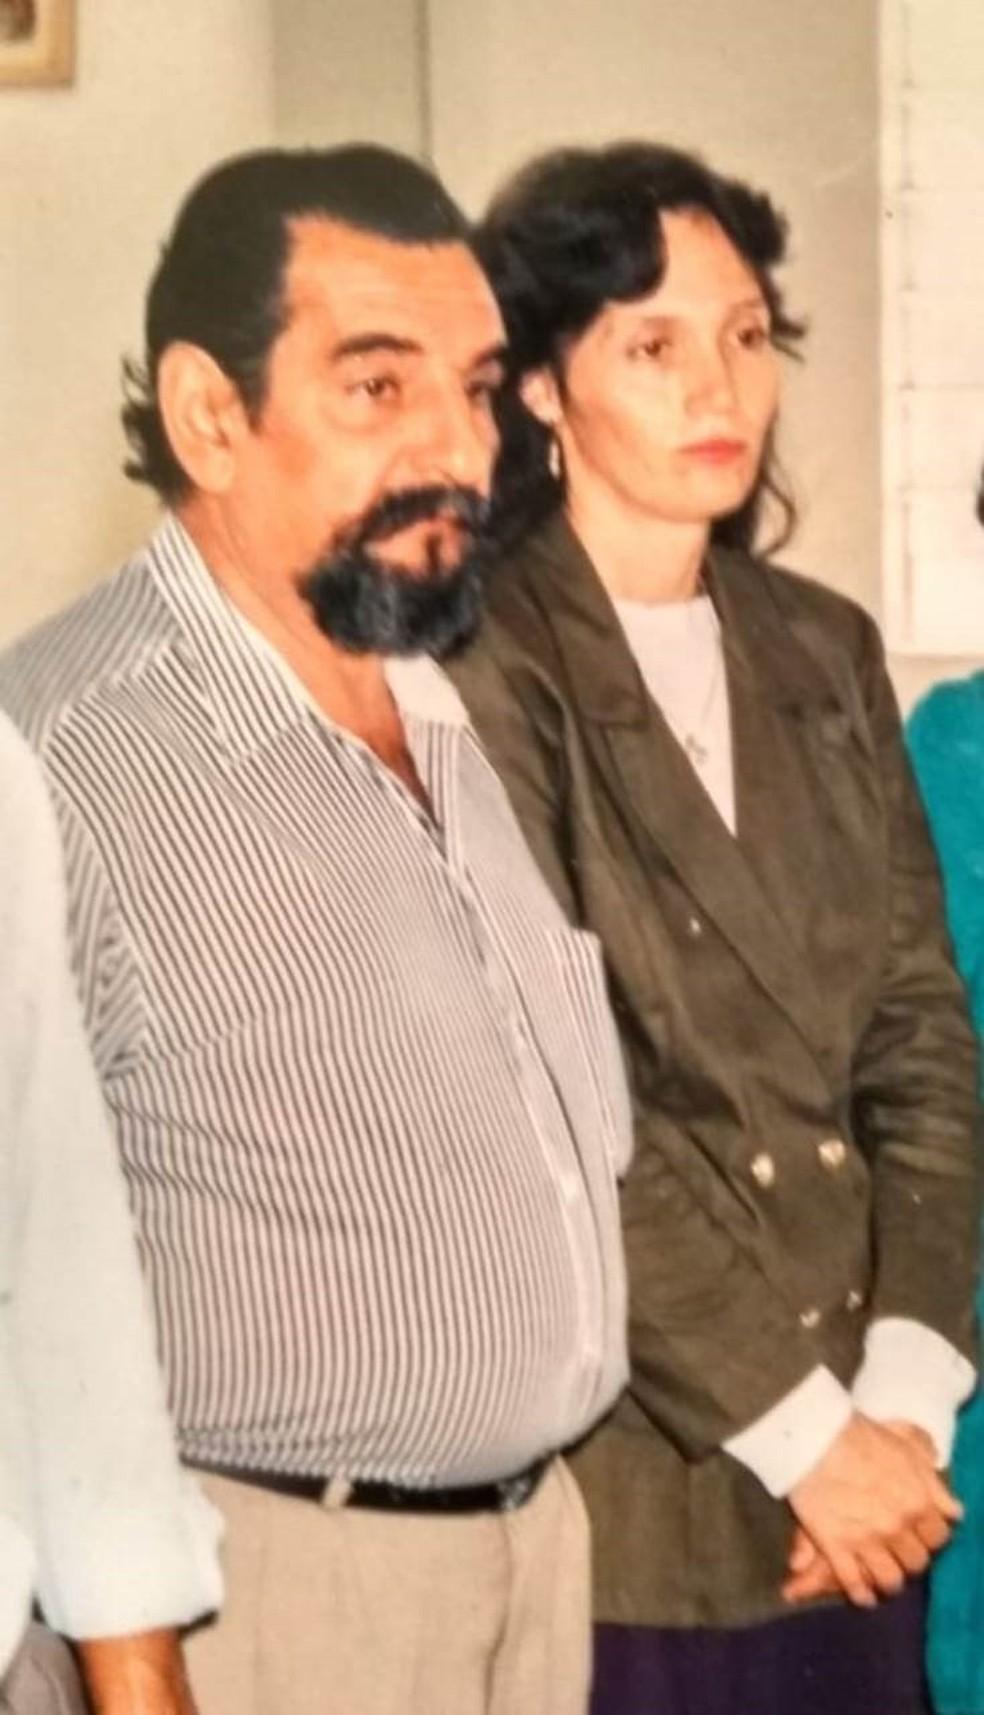 """Lúcio e Sueli: """"Por mais difícil que seja, quero que ele (Deus"""" deixe a minha esposa aqui, porque eu me encarrego de cuidar dela"""" — Foto: Arquivo Pessoal"""